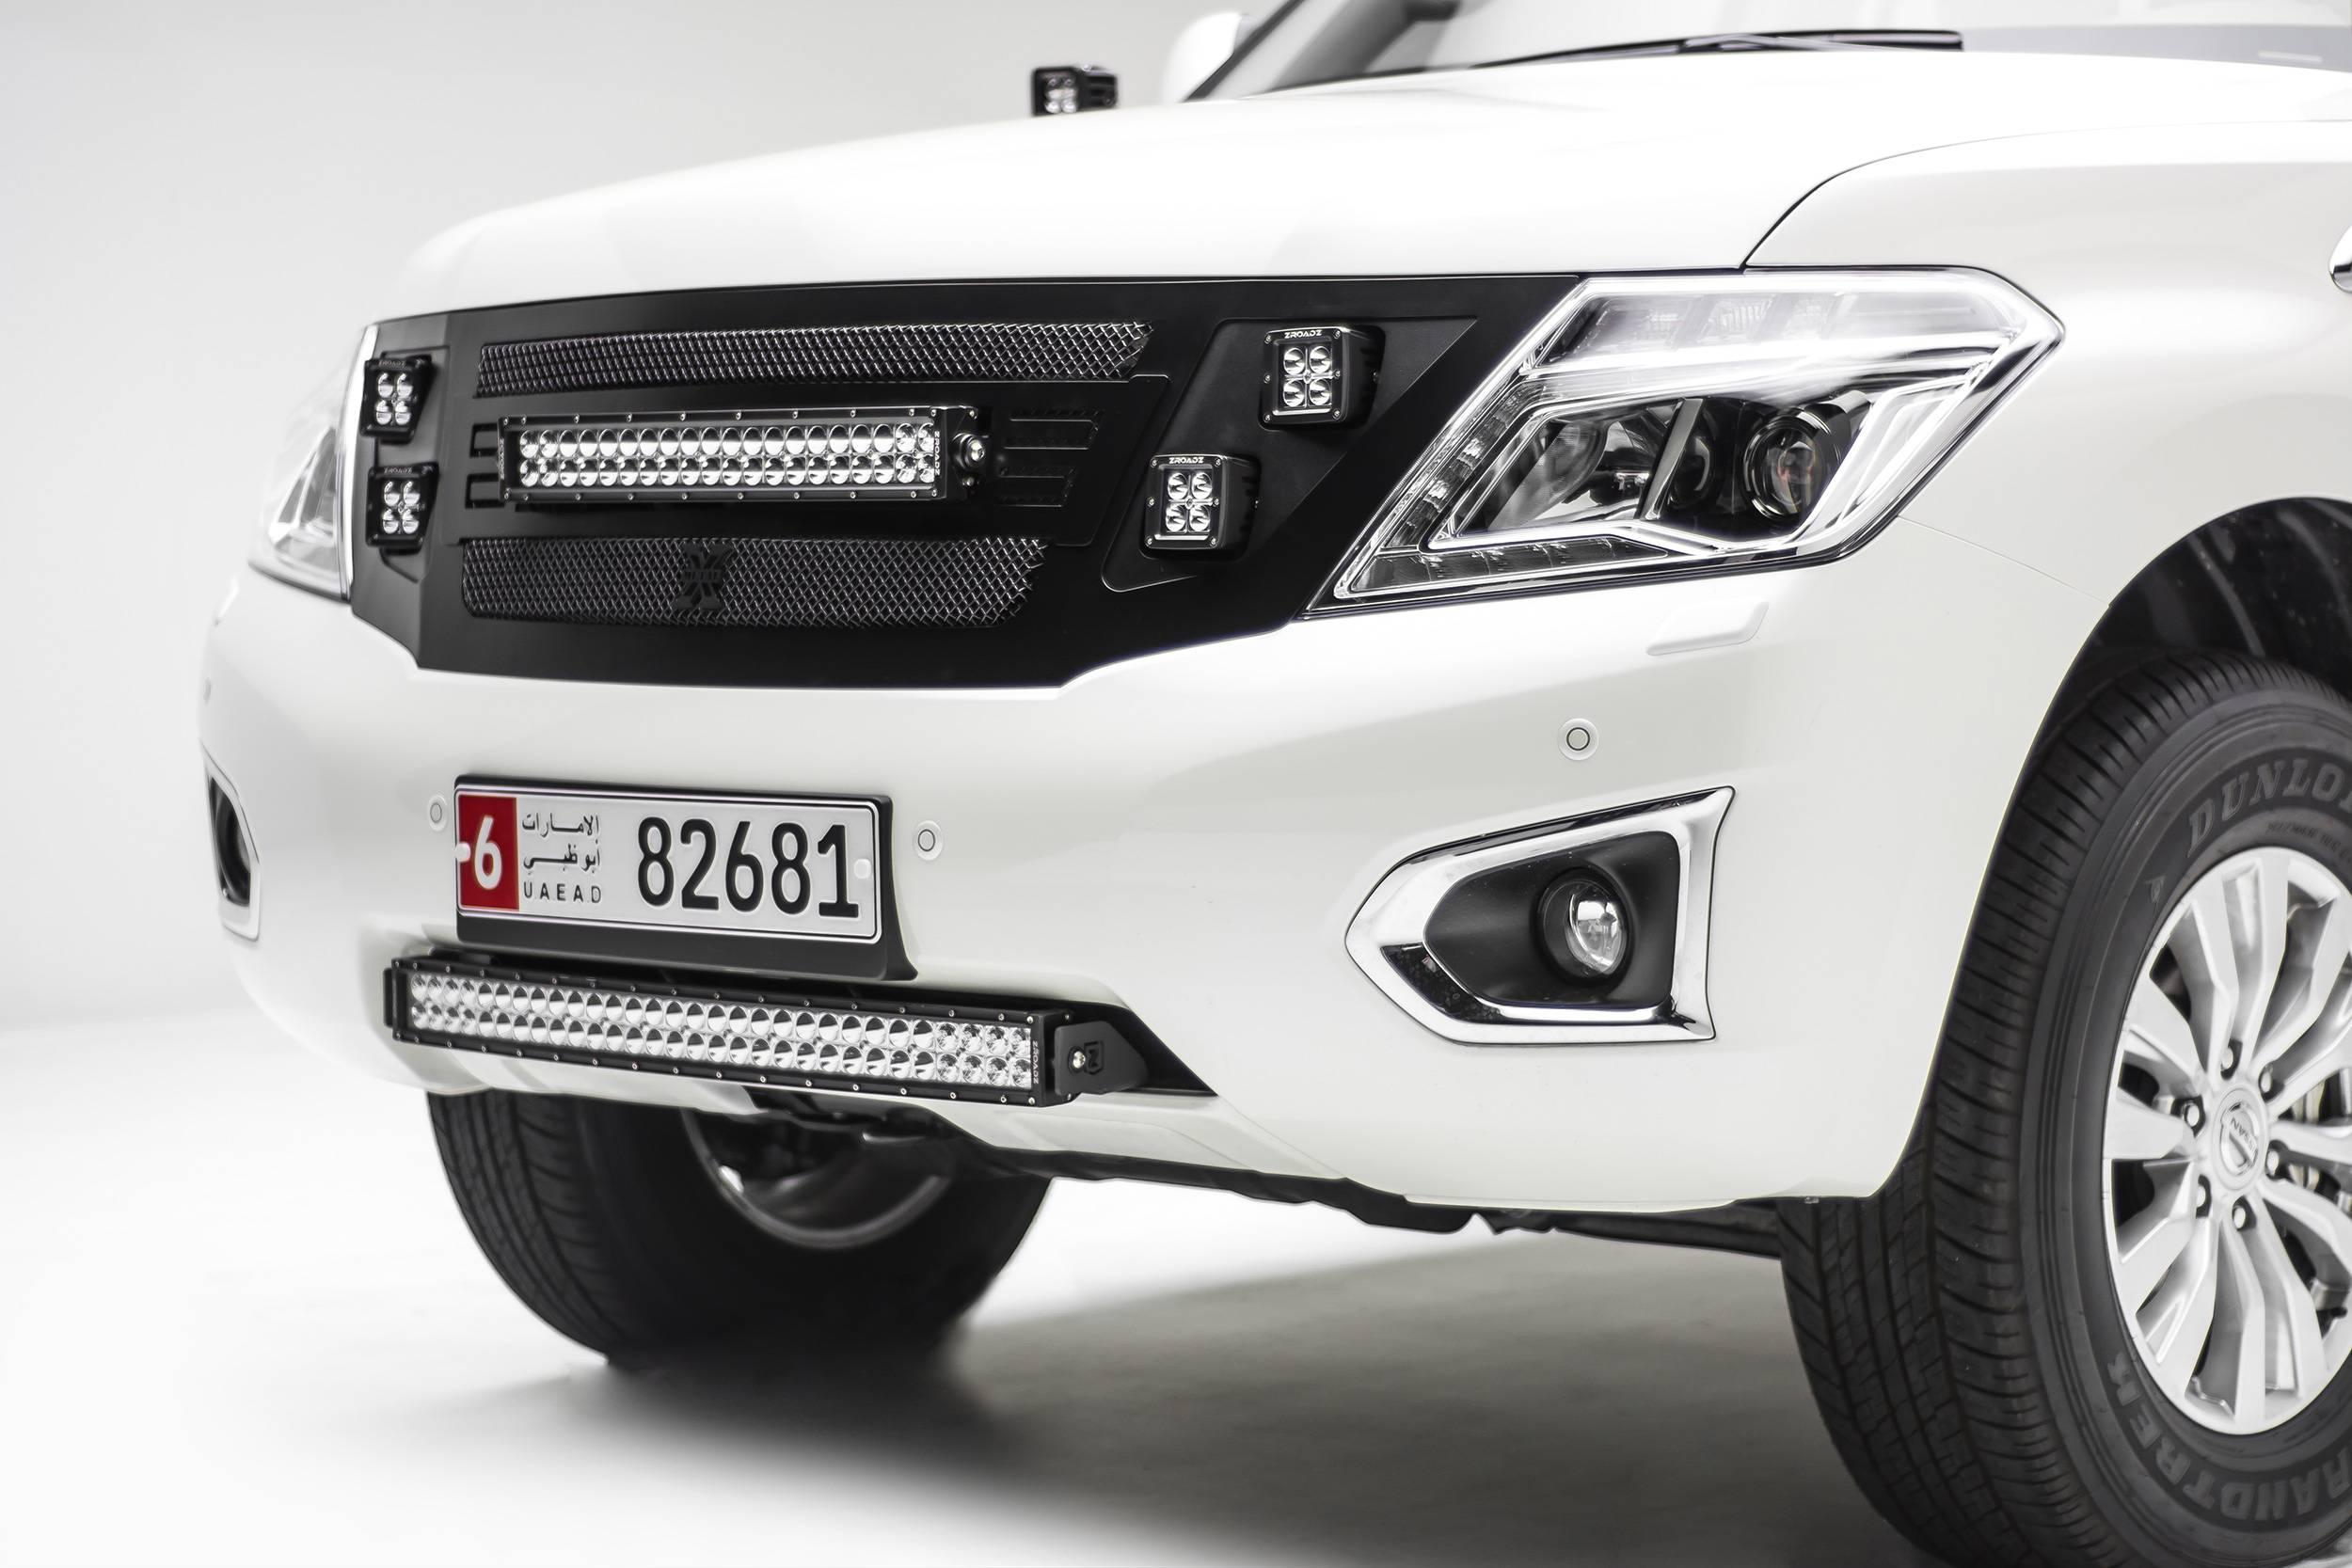 Nissan Patrol - informatie, prijzen, vergelijkbare modellen ... | 1667x2500